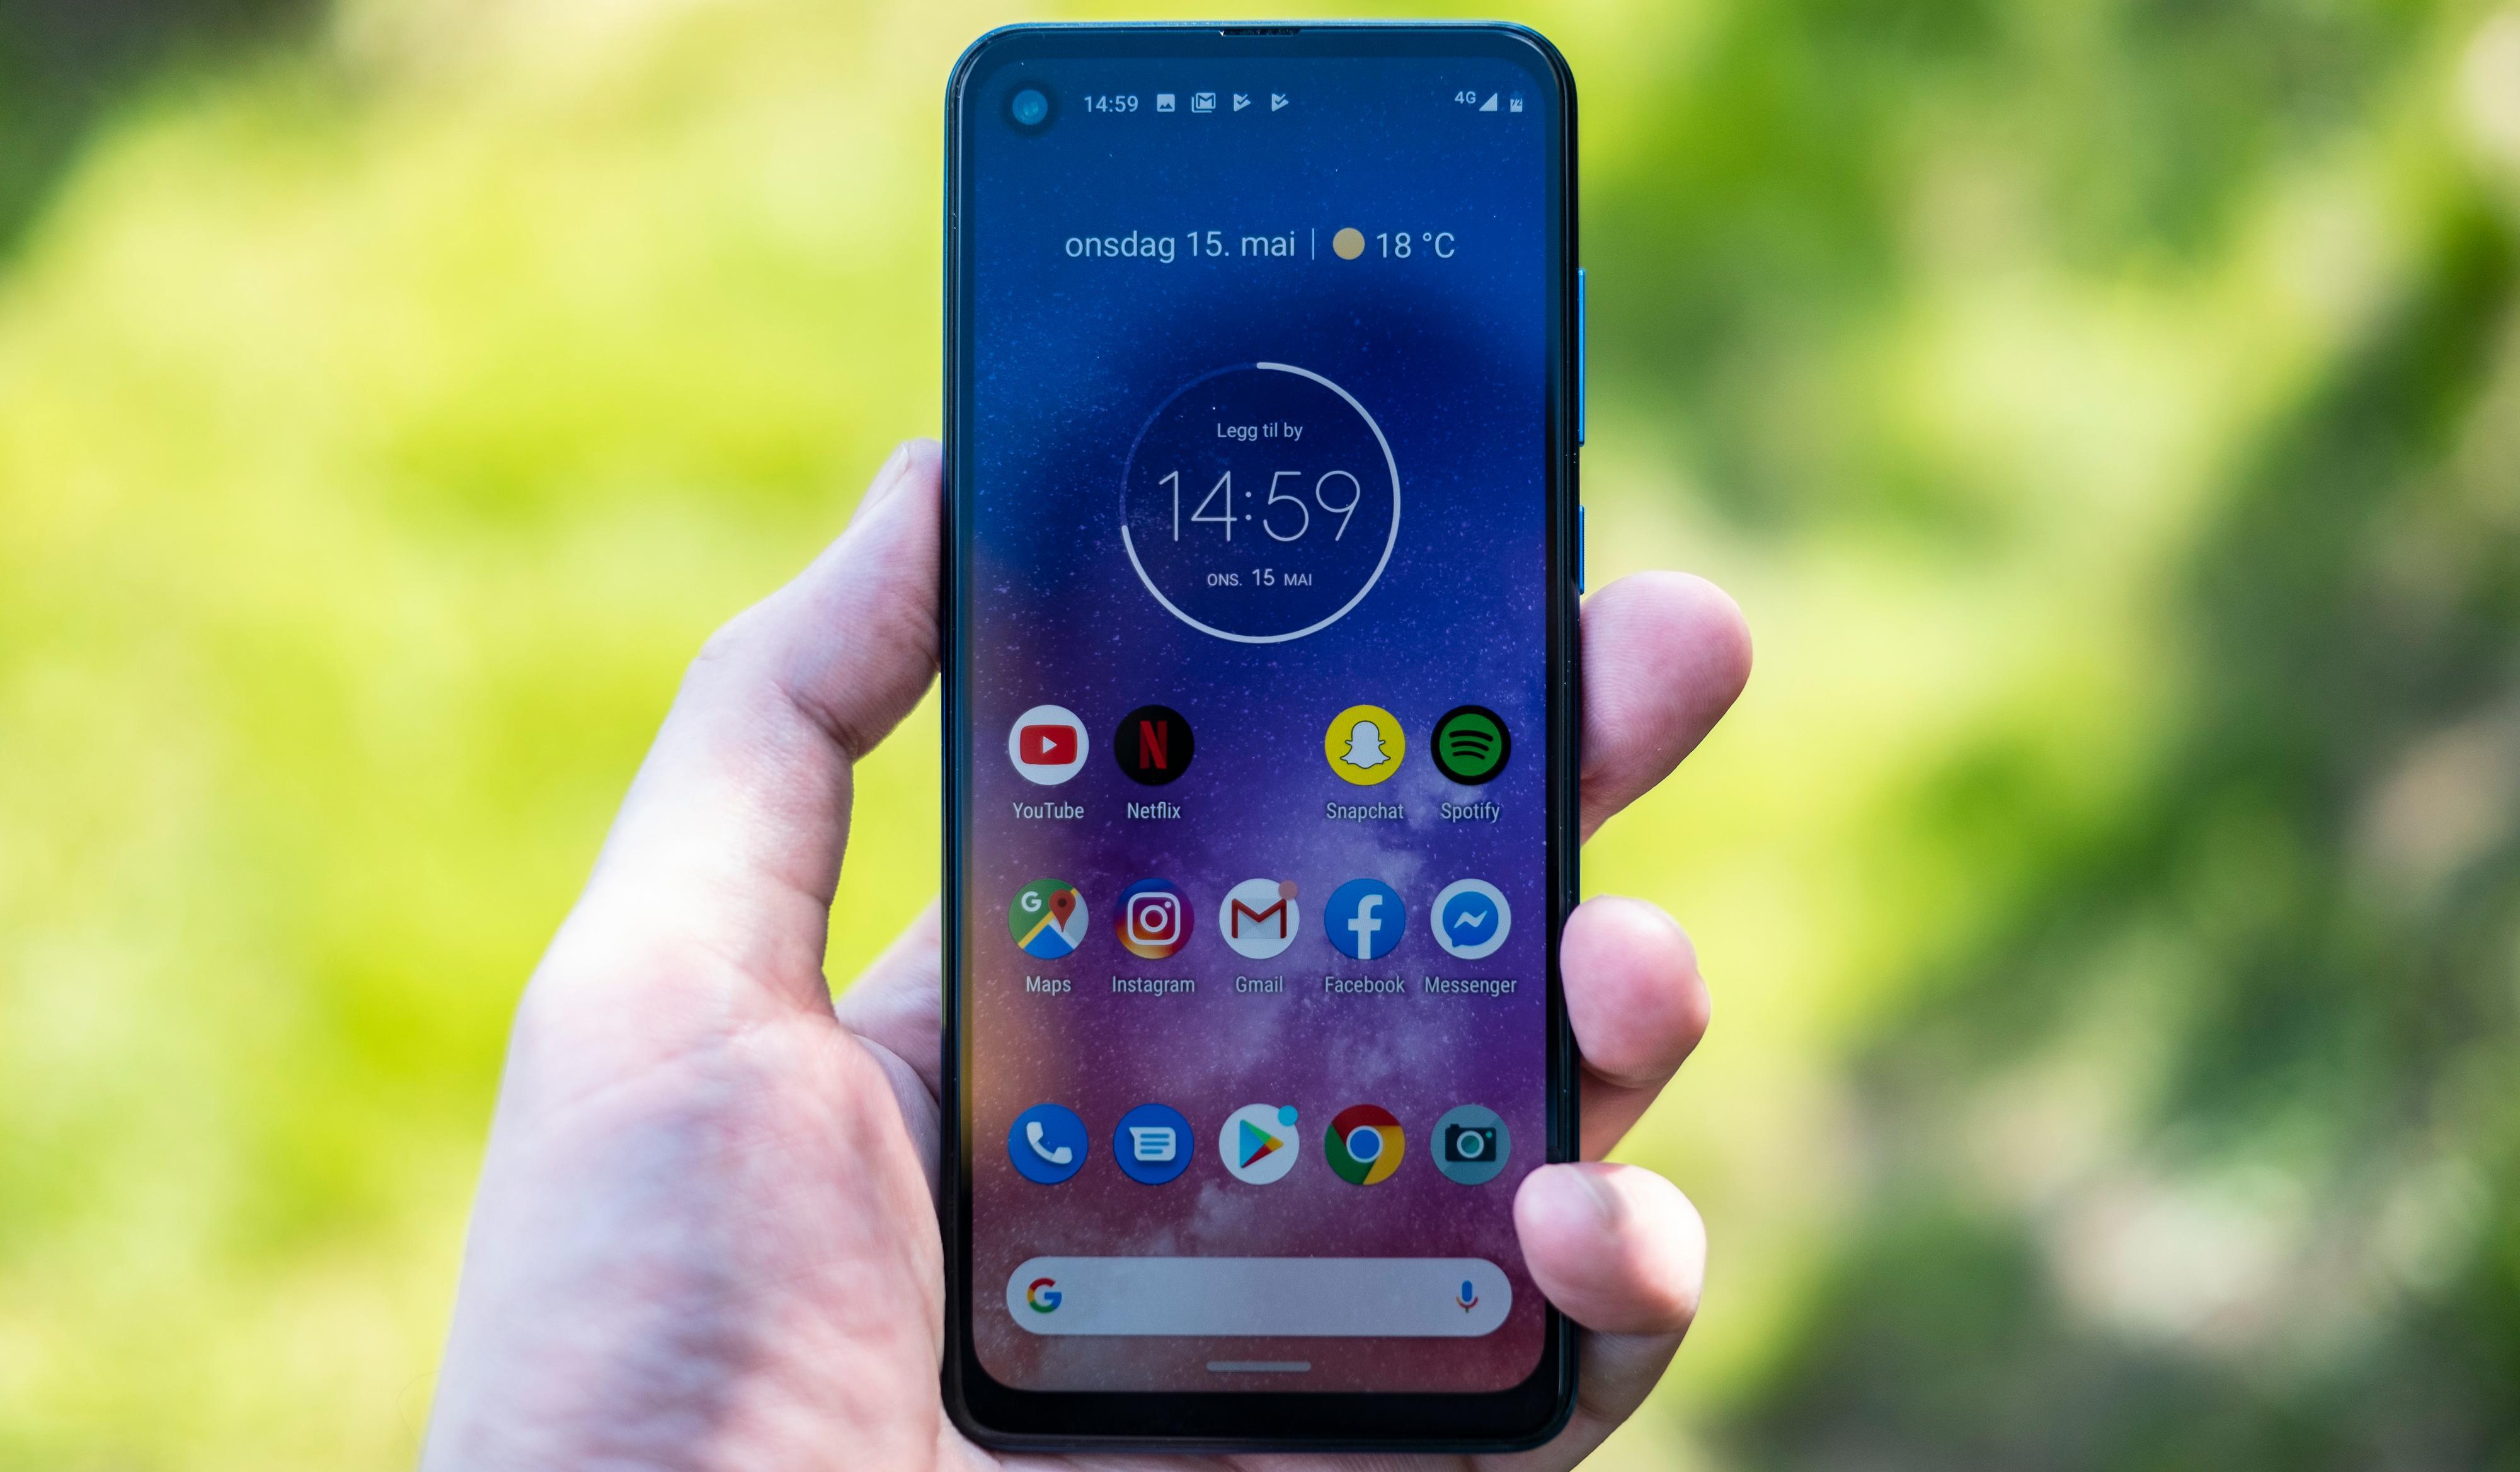 Både skjerm og brukeropplevelse er helt fabelaktige i Motorola One Vision. Ingenting annet i prisklassen byr på en like god totalopplevelse.